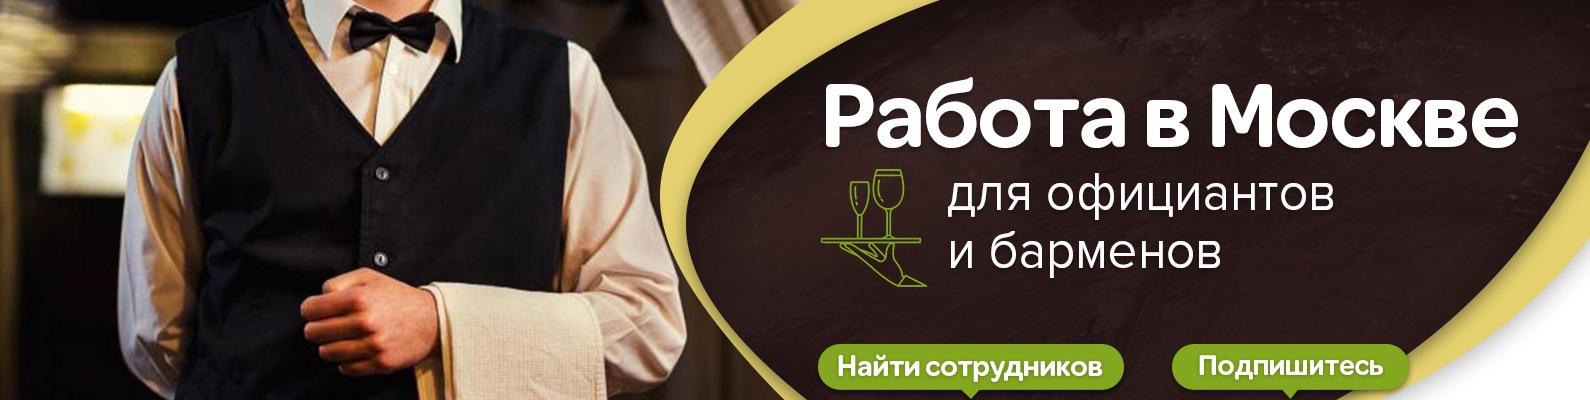 Медицинские книжки в Москве Хорошёвский для официантов